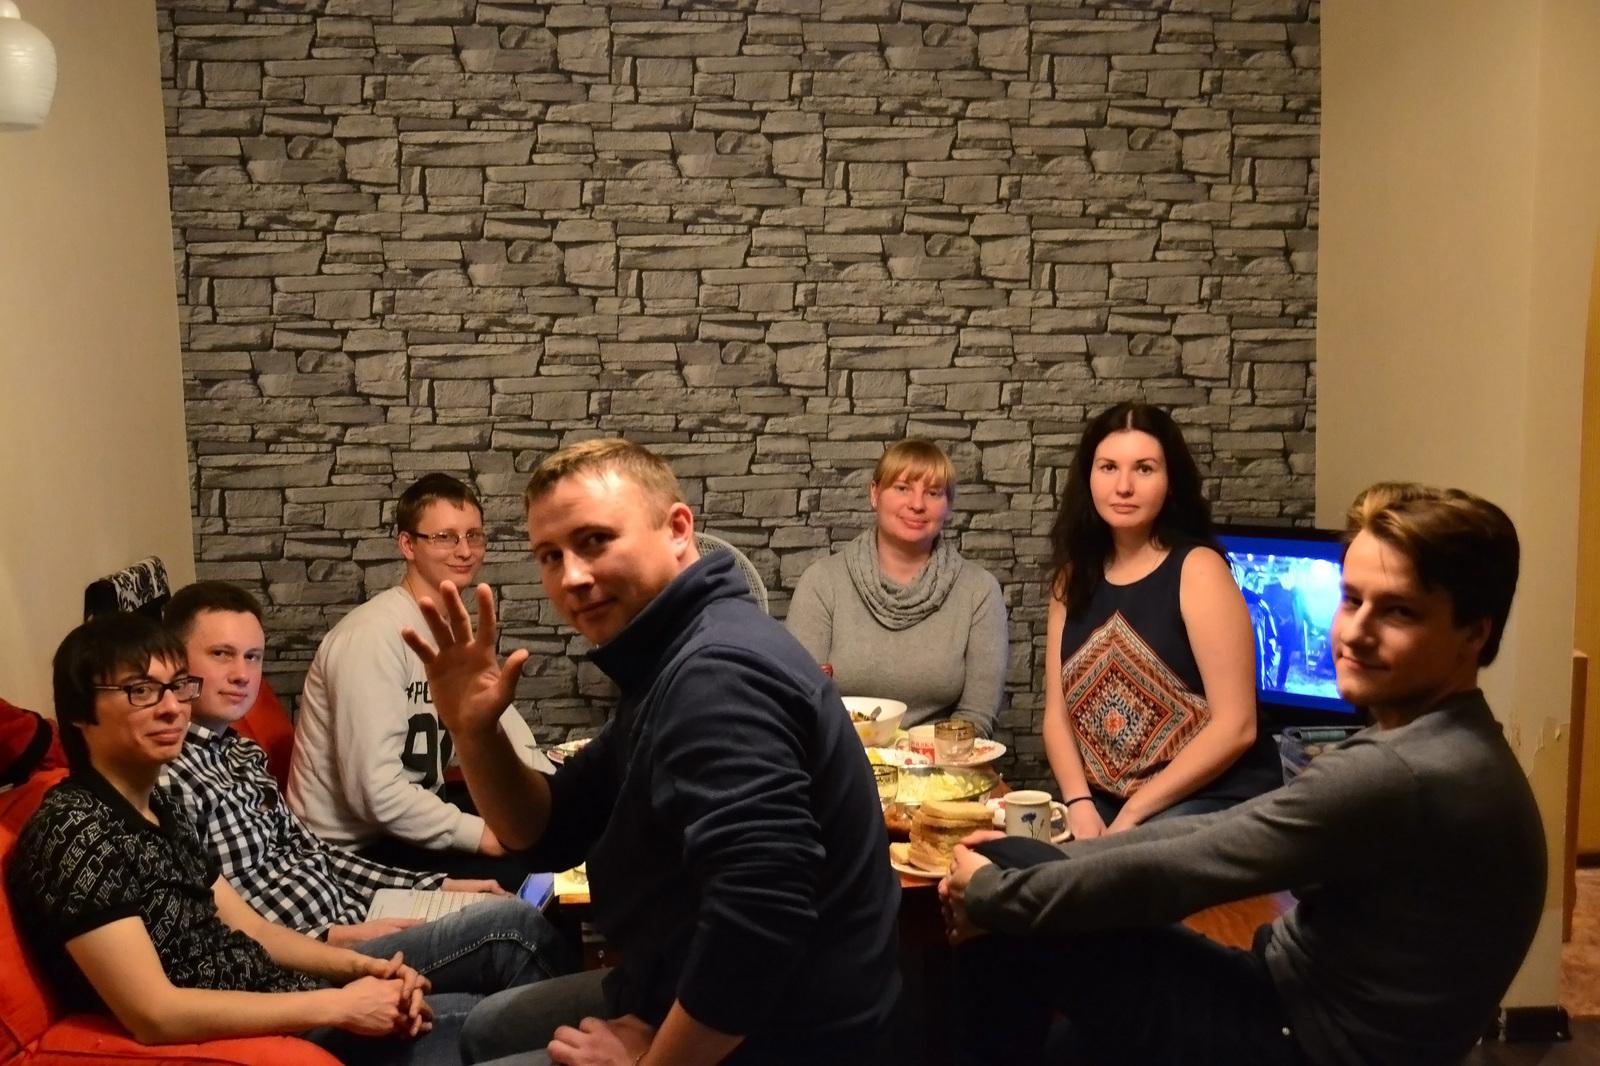 Номера телефонов для знакомства красноярск раменское знакомства 24